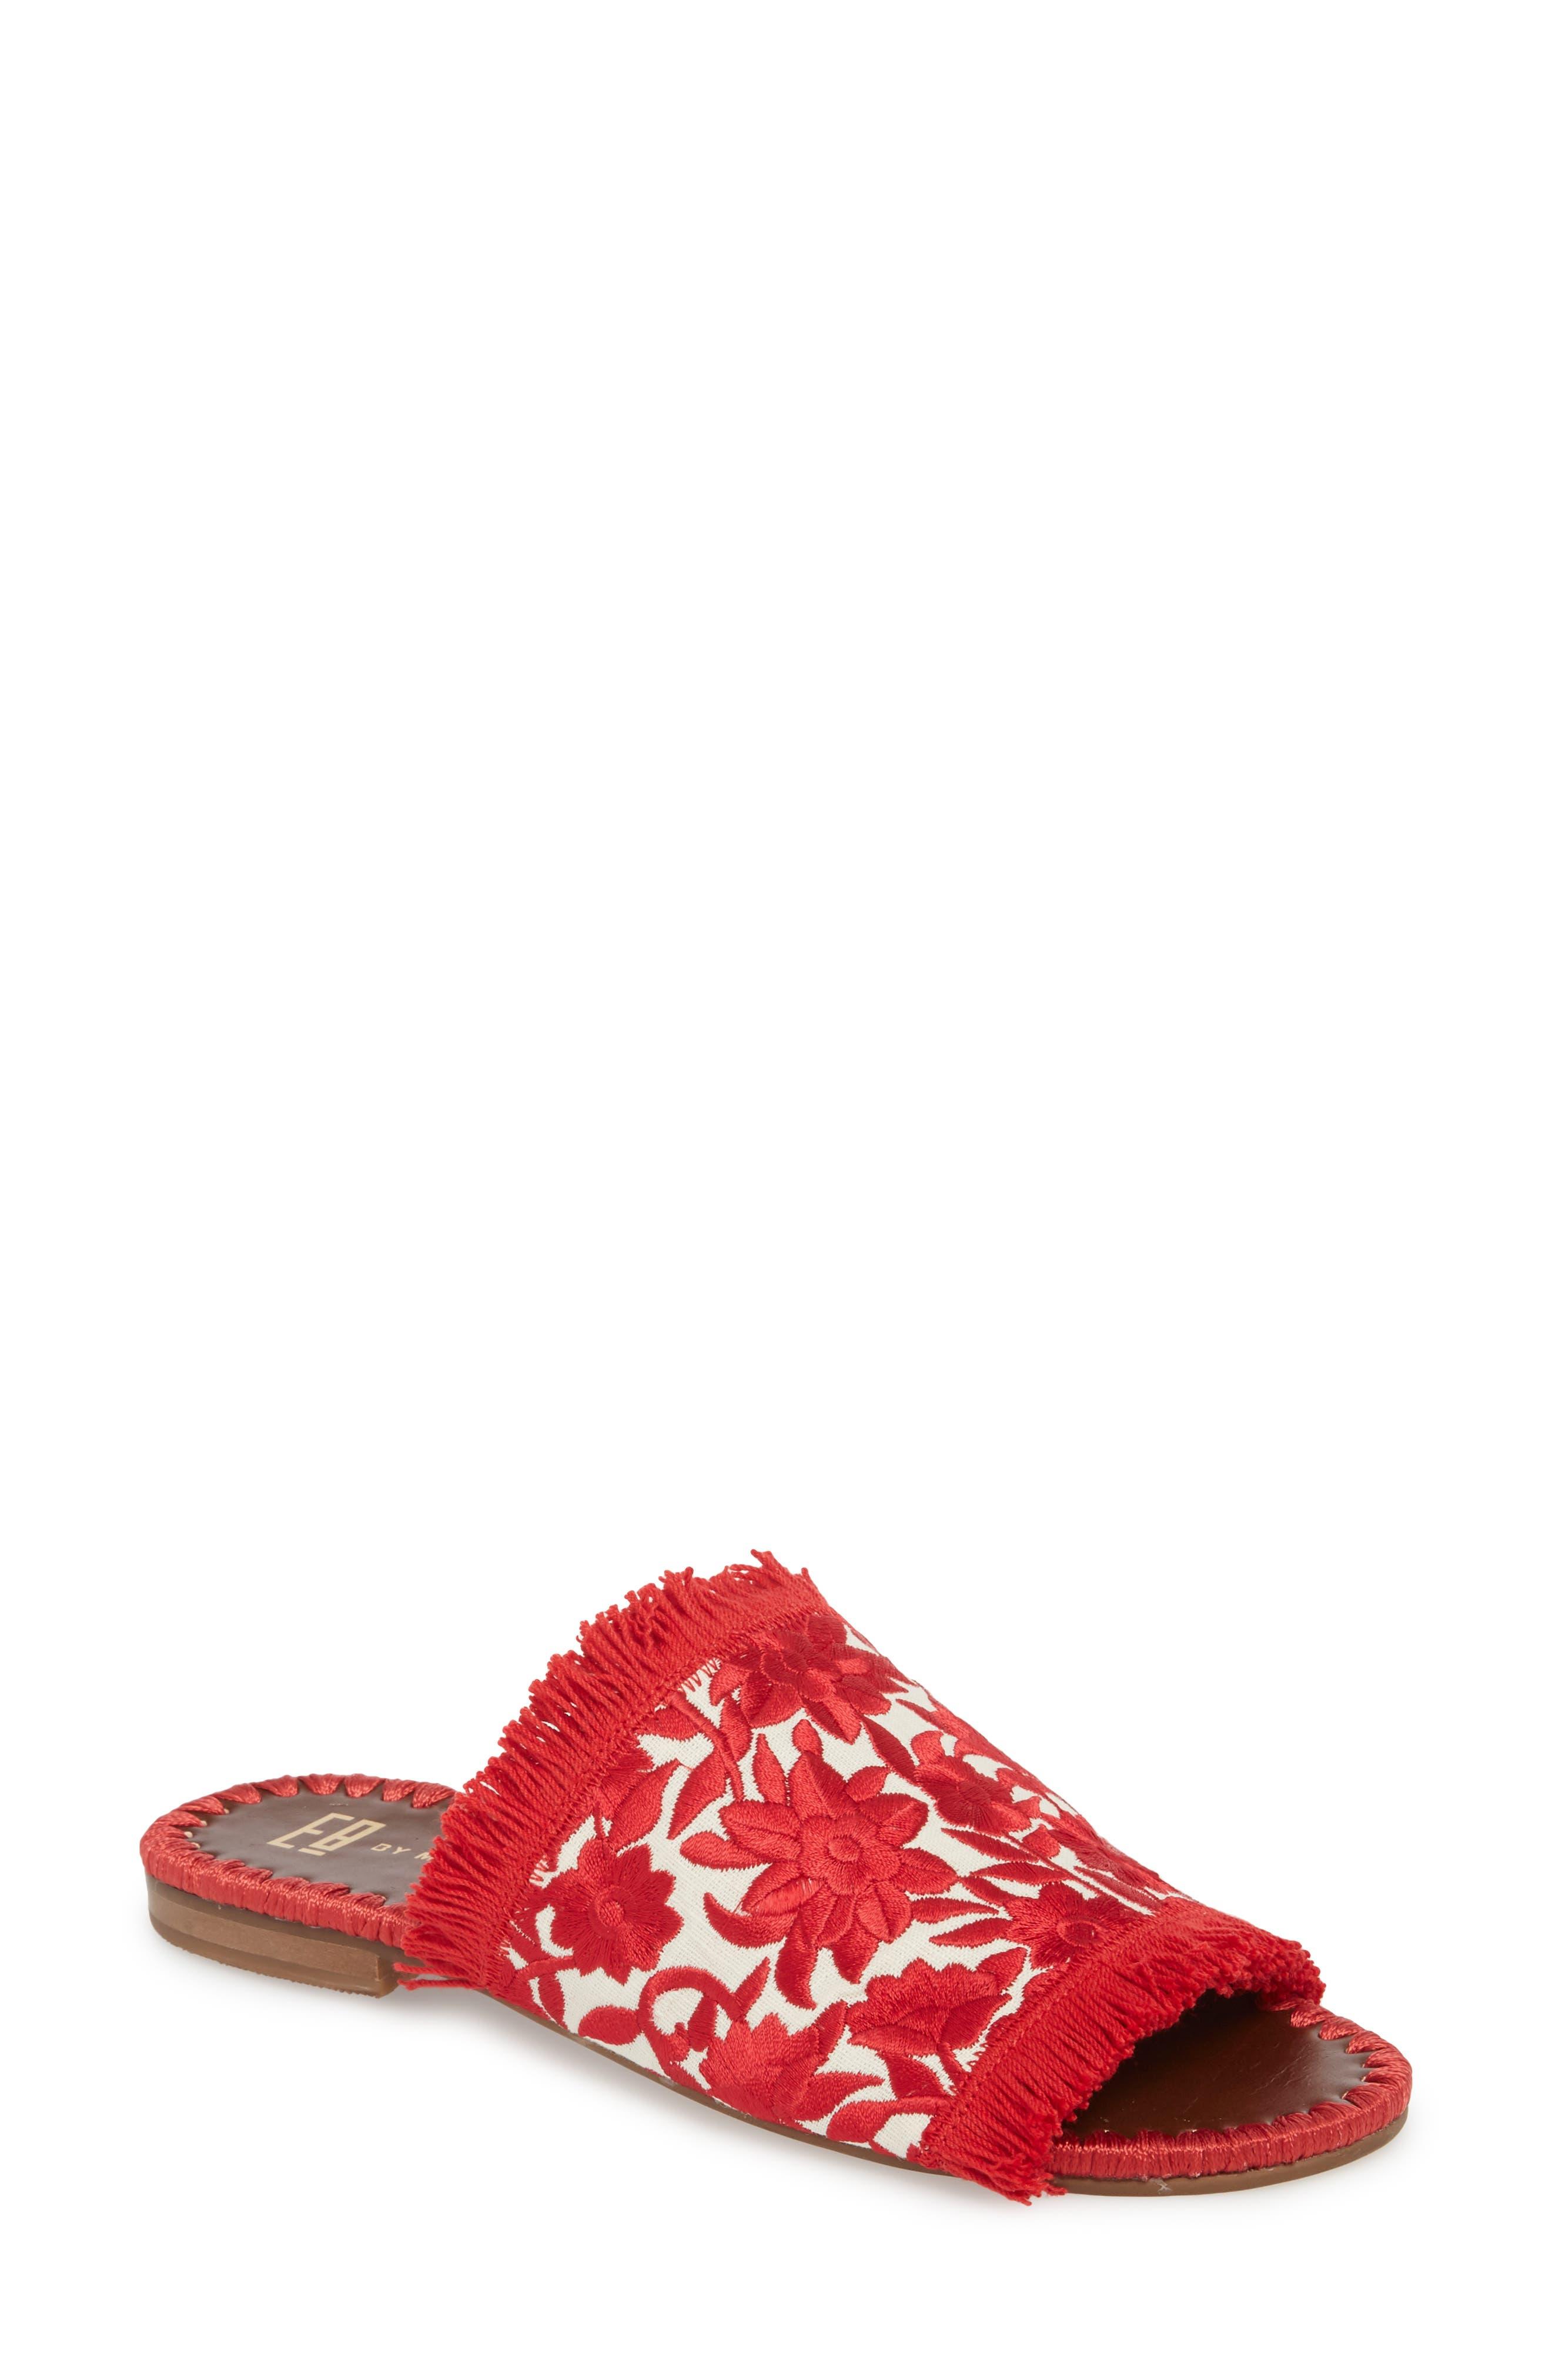 Tavie Fringed Slide Sandal,                             Main thumbnail 1, color,                             Red/ Cream Fabric